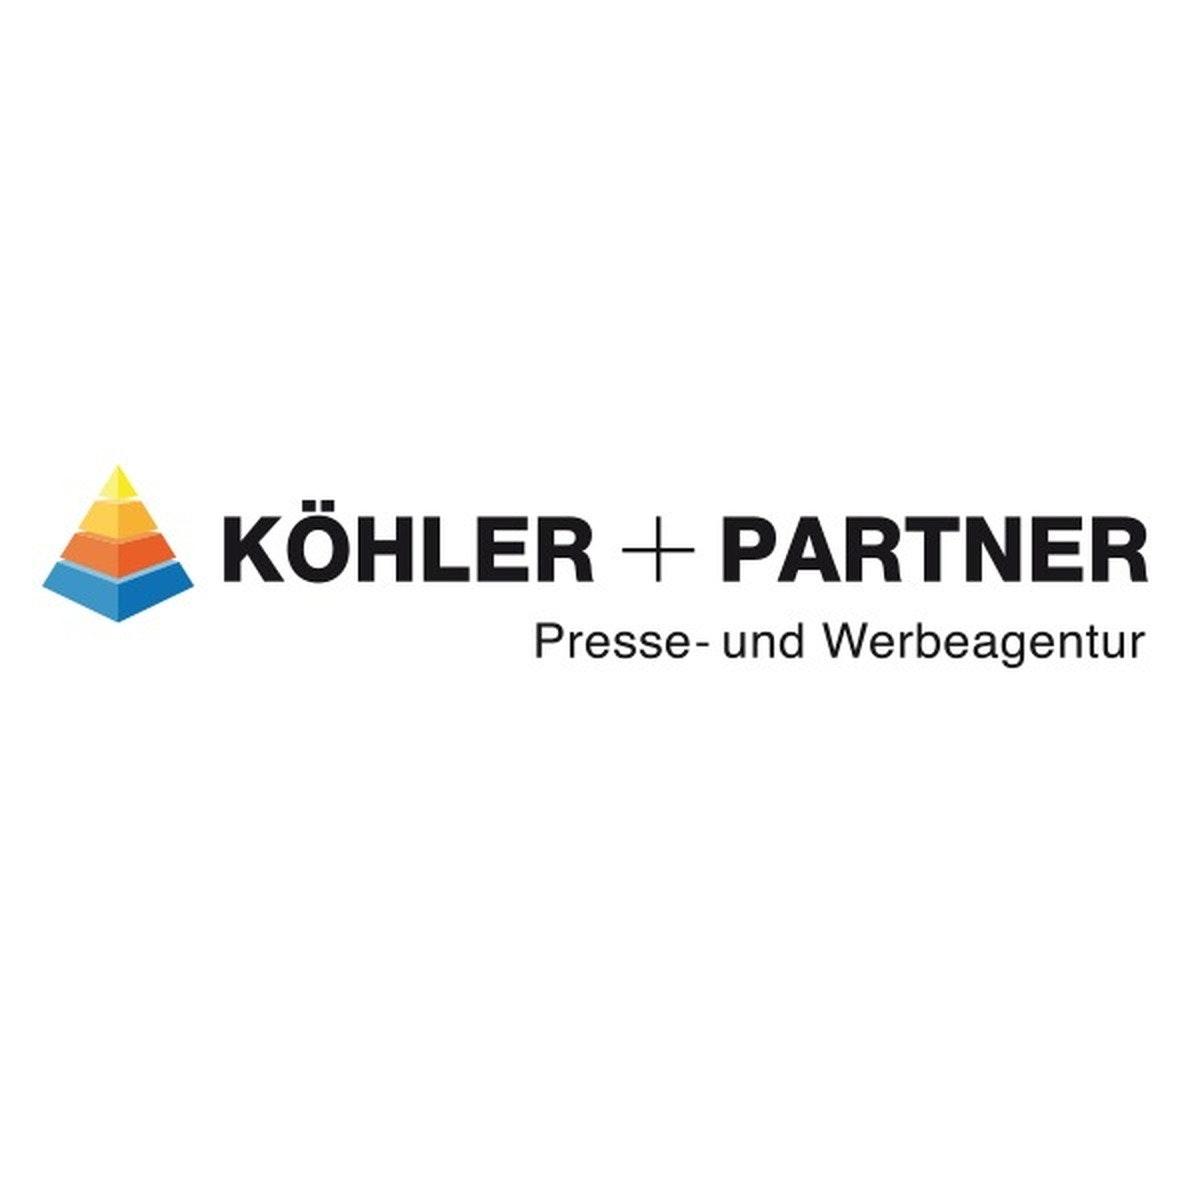 Köhler + Partner GmbH